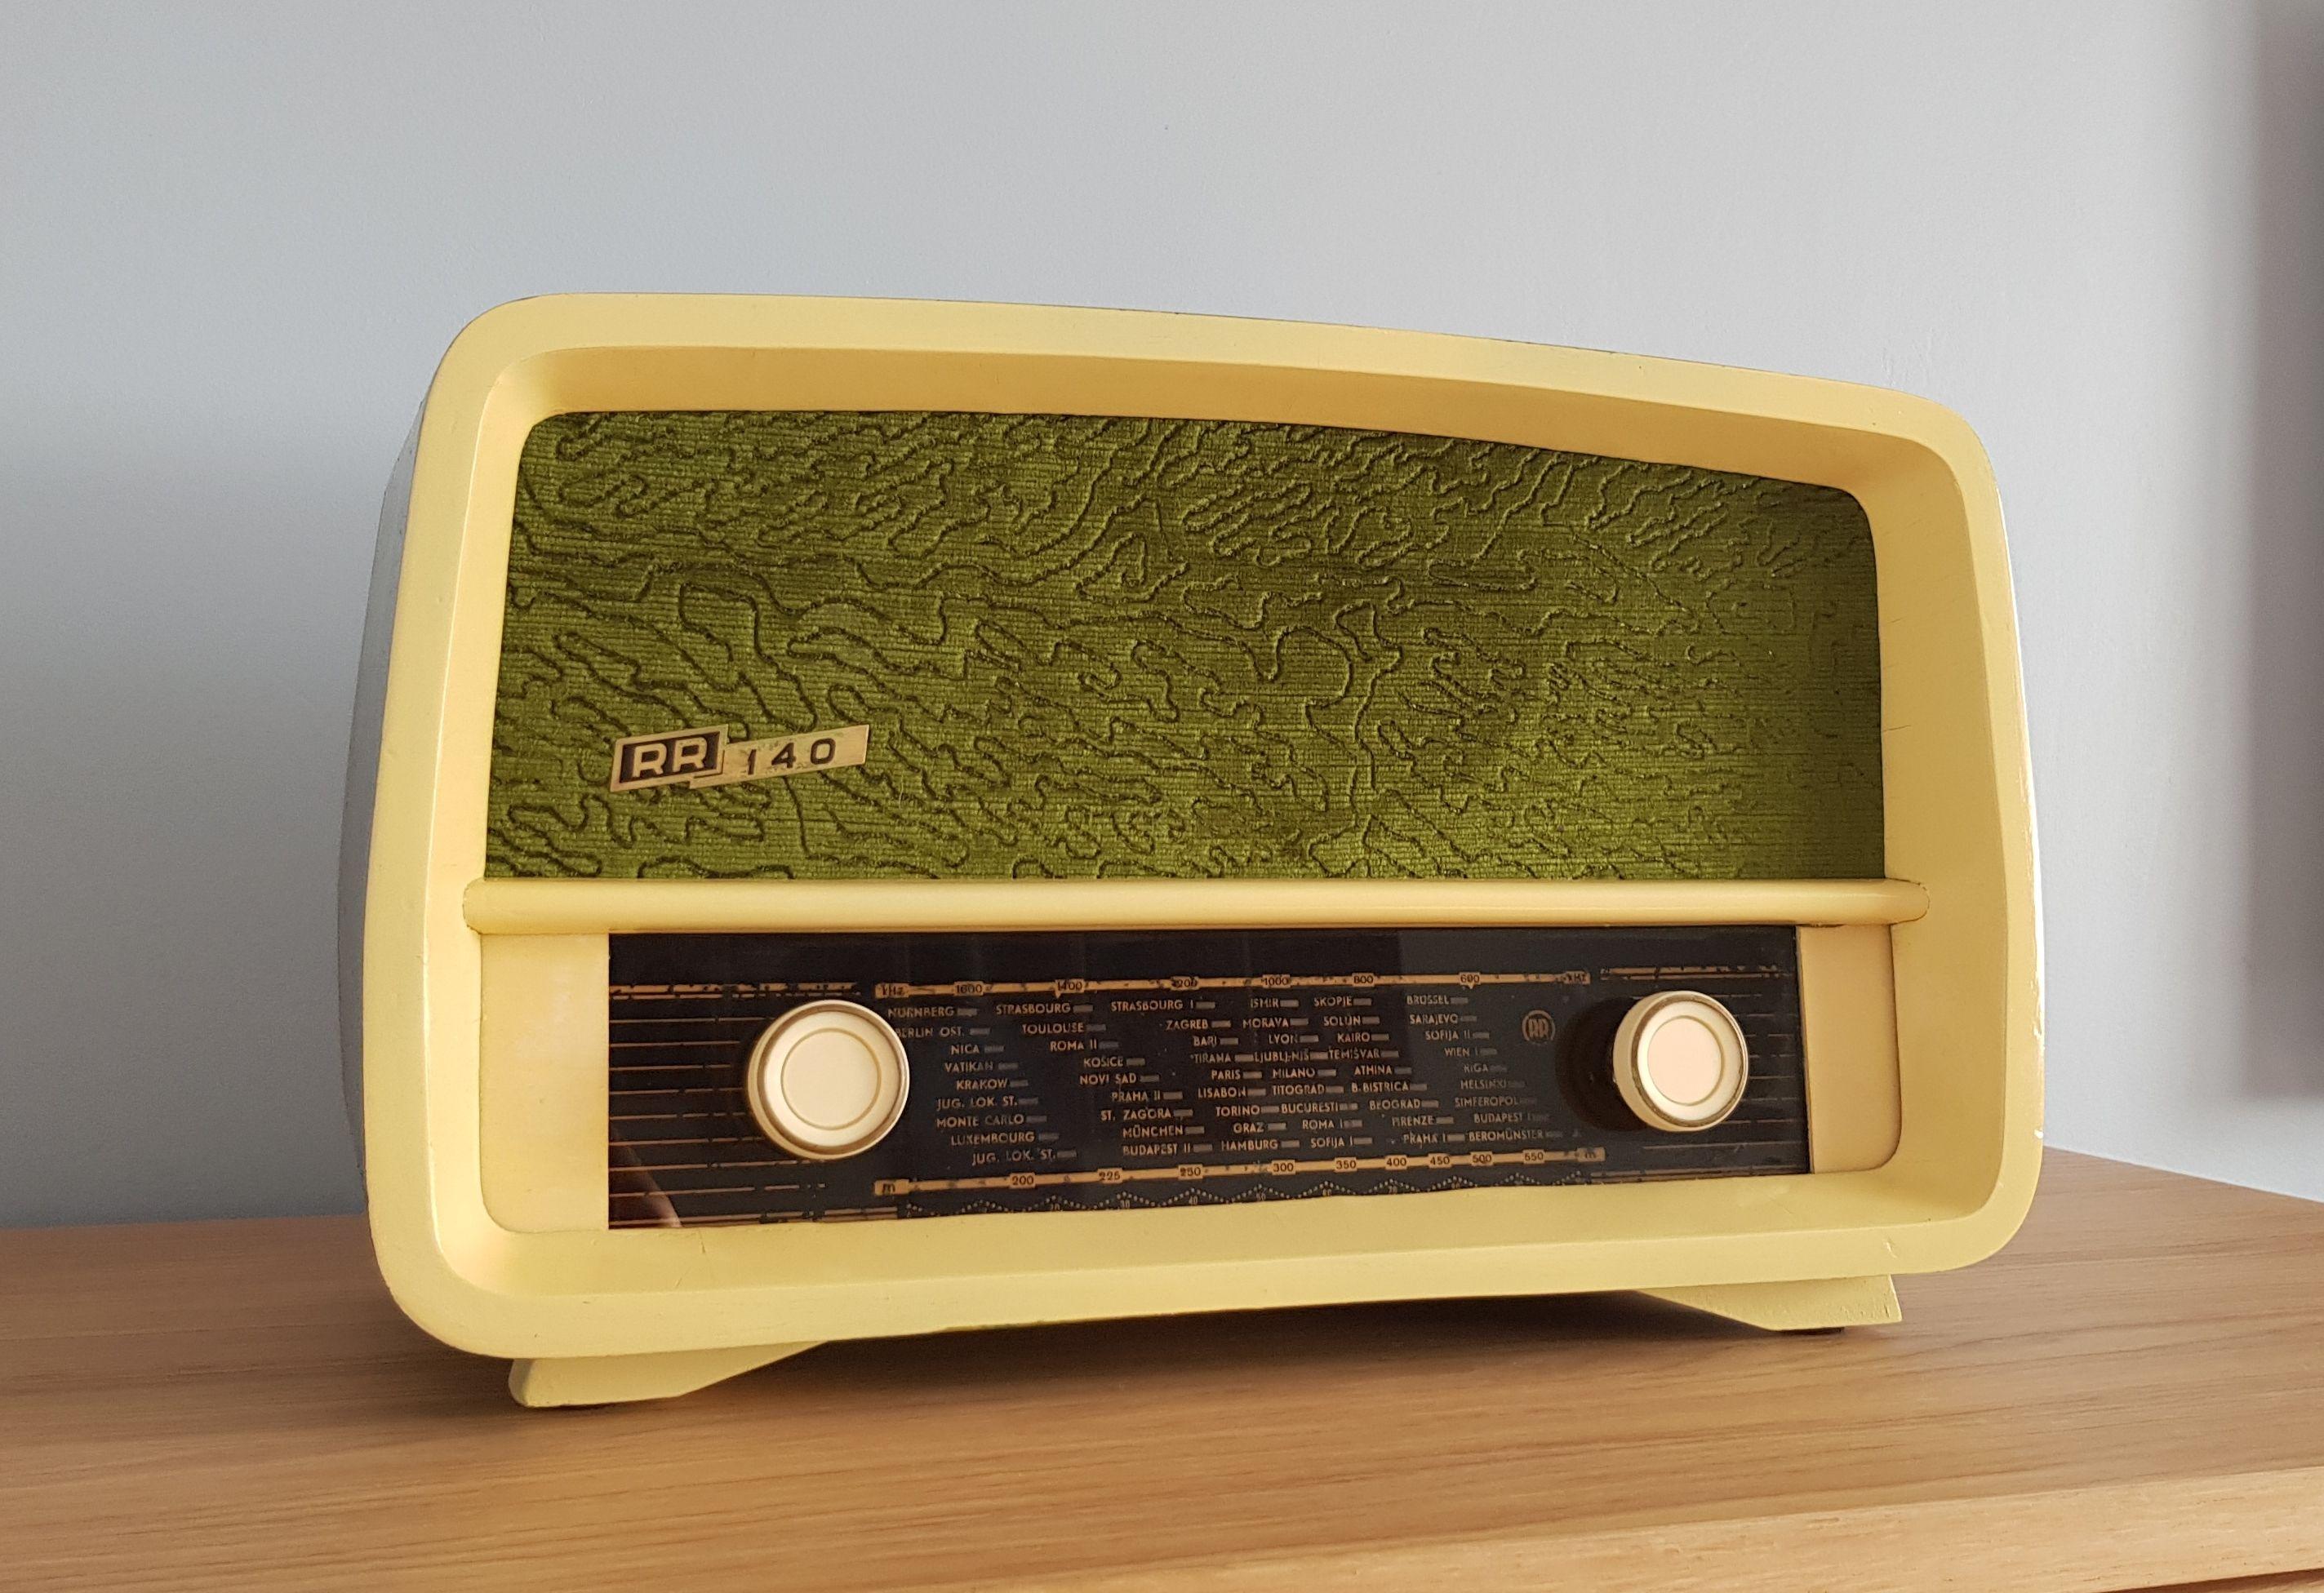 Vintage Radio Rr 140 Vintage Radio Vintage Electronics Radio